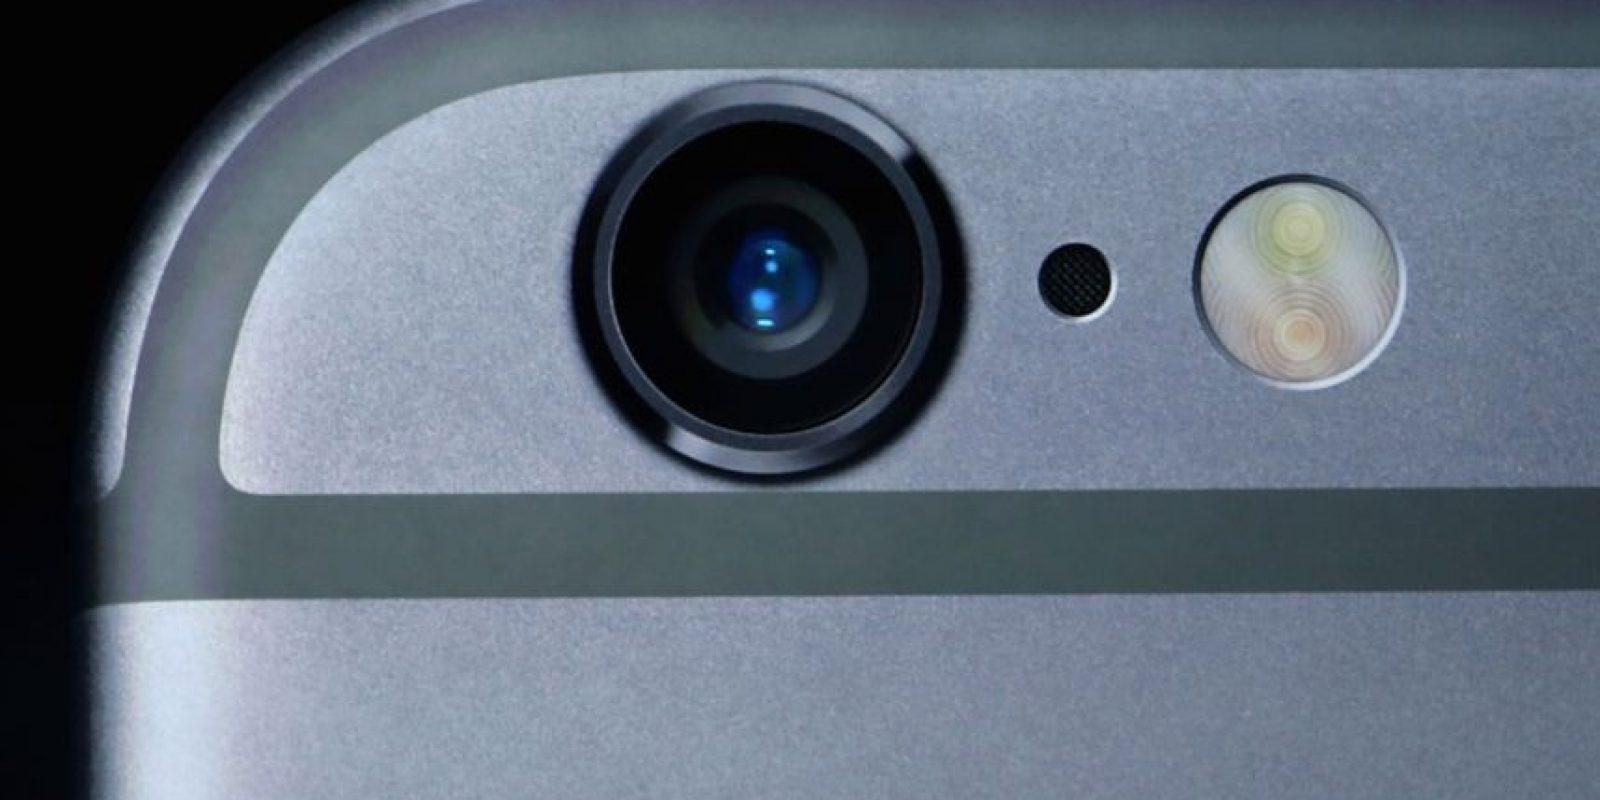 Les presentamos las mejores fotos tomadas con la cámara principal del iPhone 6 Foto:Getty Images